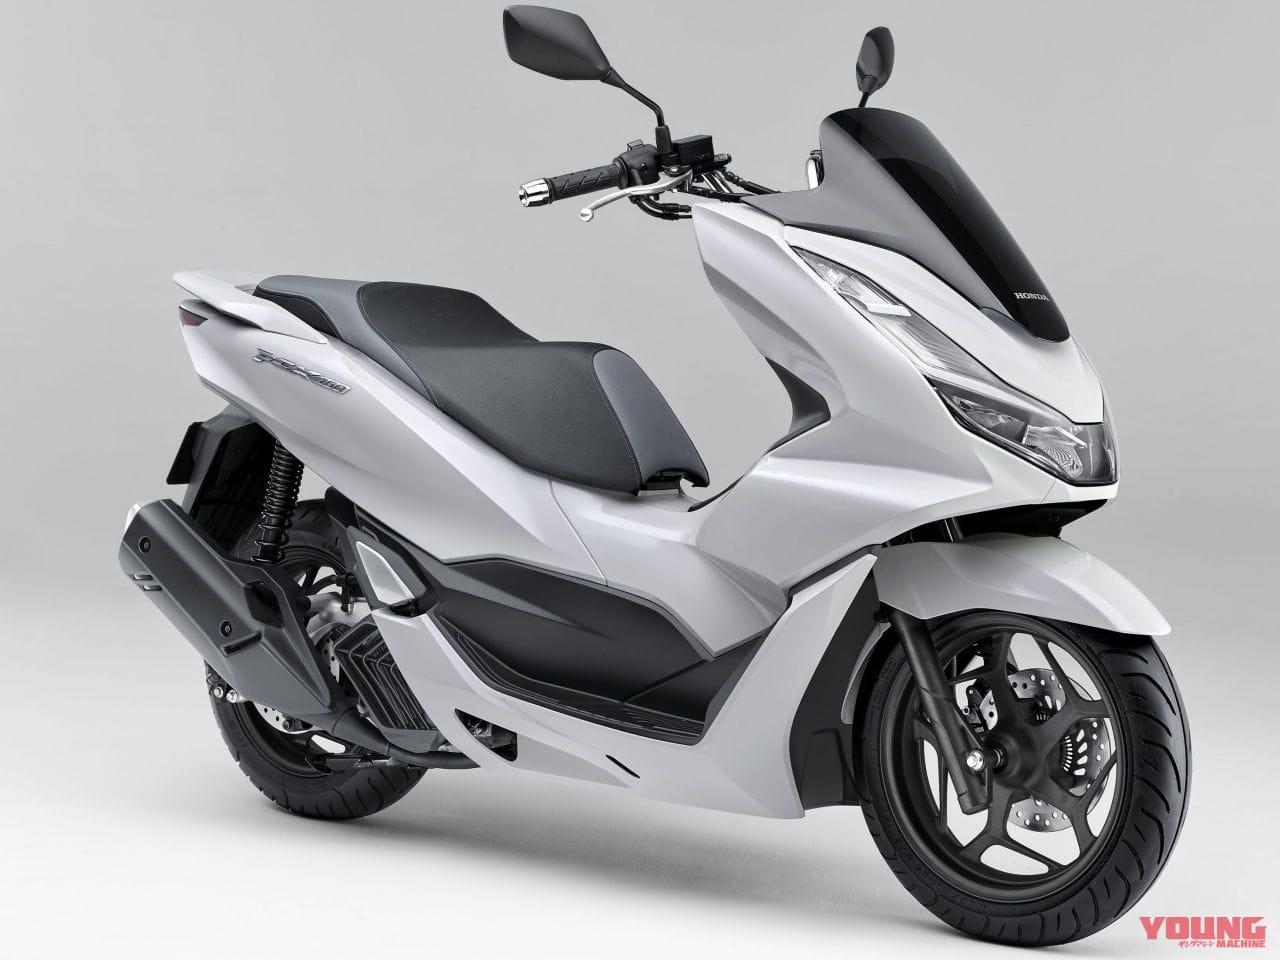 HONDA PCX160[2021 model]